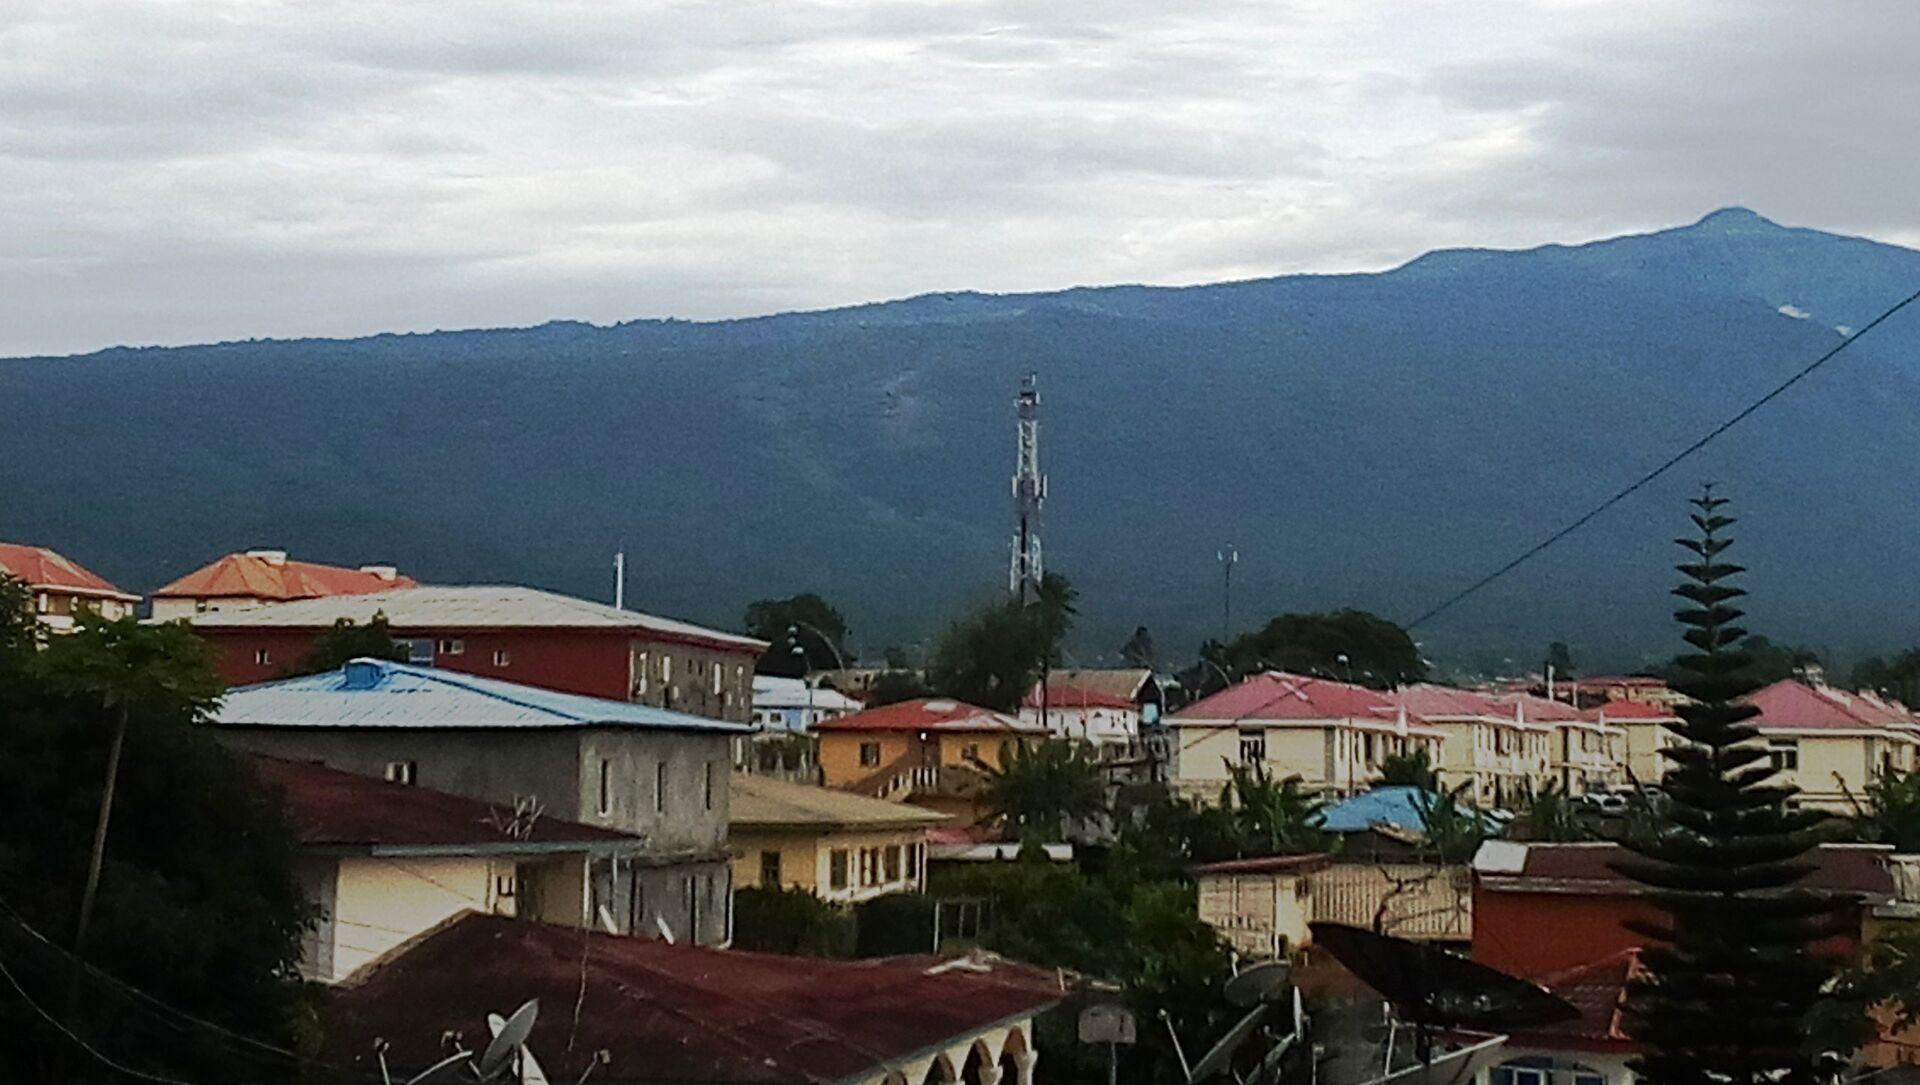 Une vue de Malabo, sur l'île de Bioko, ville portuaire et capitale de la Guinée équatoriale - Sputnik France, 1920, 29.07.2021